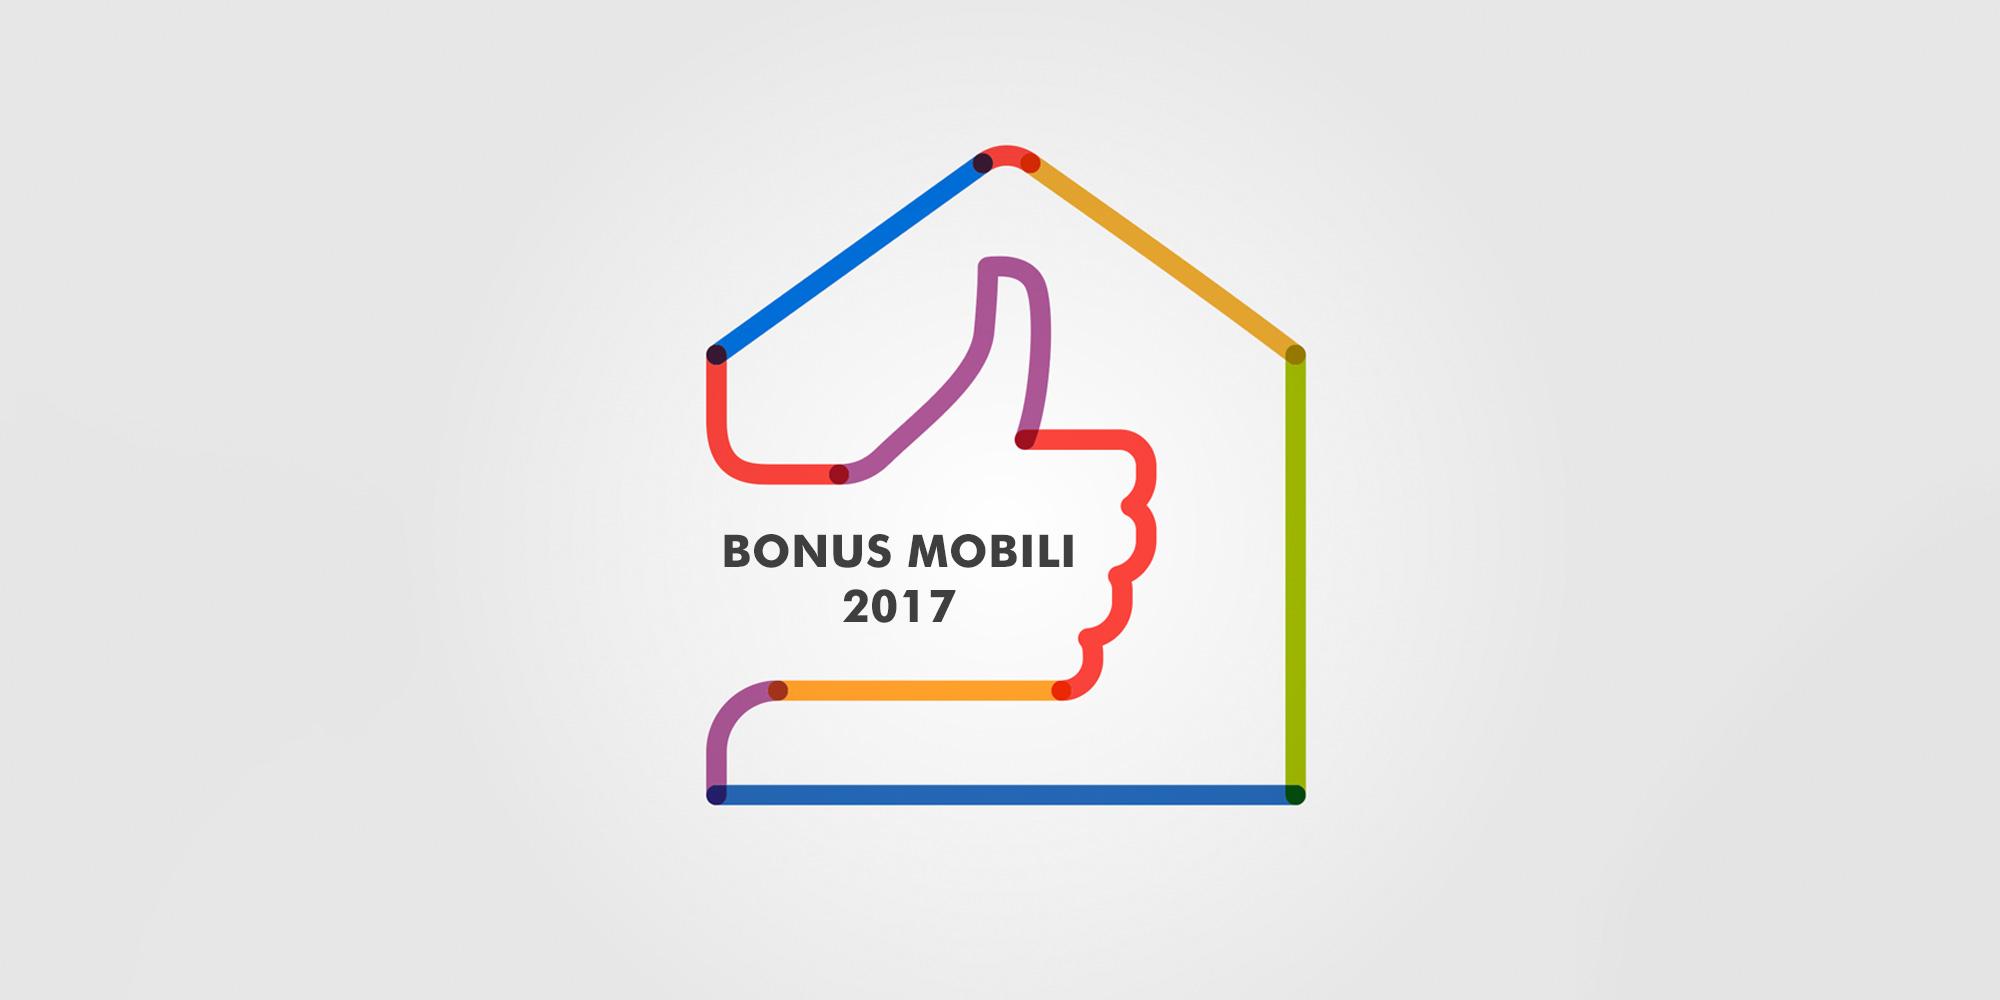 Agevolazioni fiscali per l 39 arredamento bonus mobili e for Bonus arredi 2017